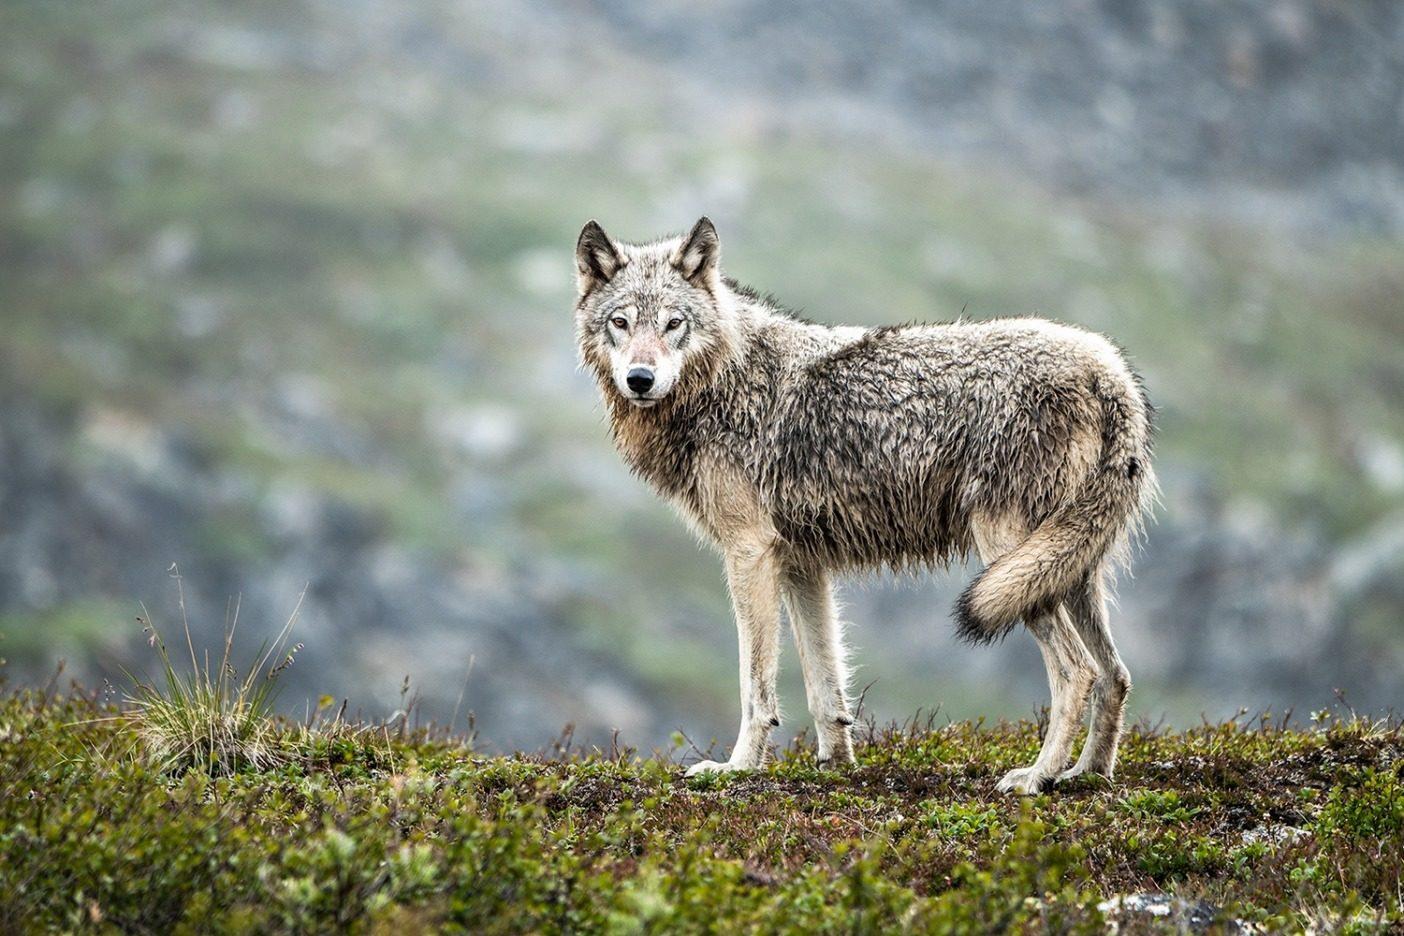 北極圏保護区はハイイロオオカミの生息地でもある。このオオカミはアラスカのジェイゴ・リバーの谷で撮影されたもの。Photo: Austin Siadak